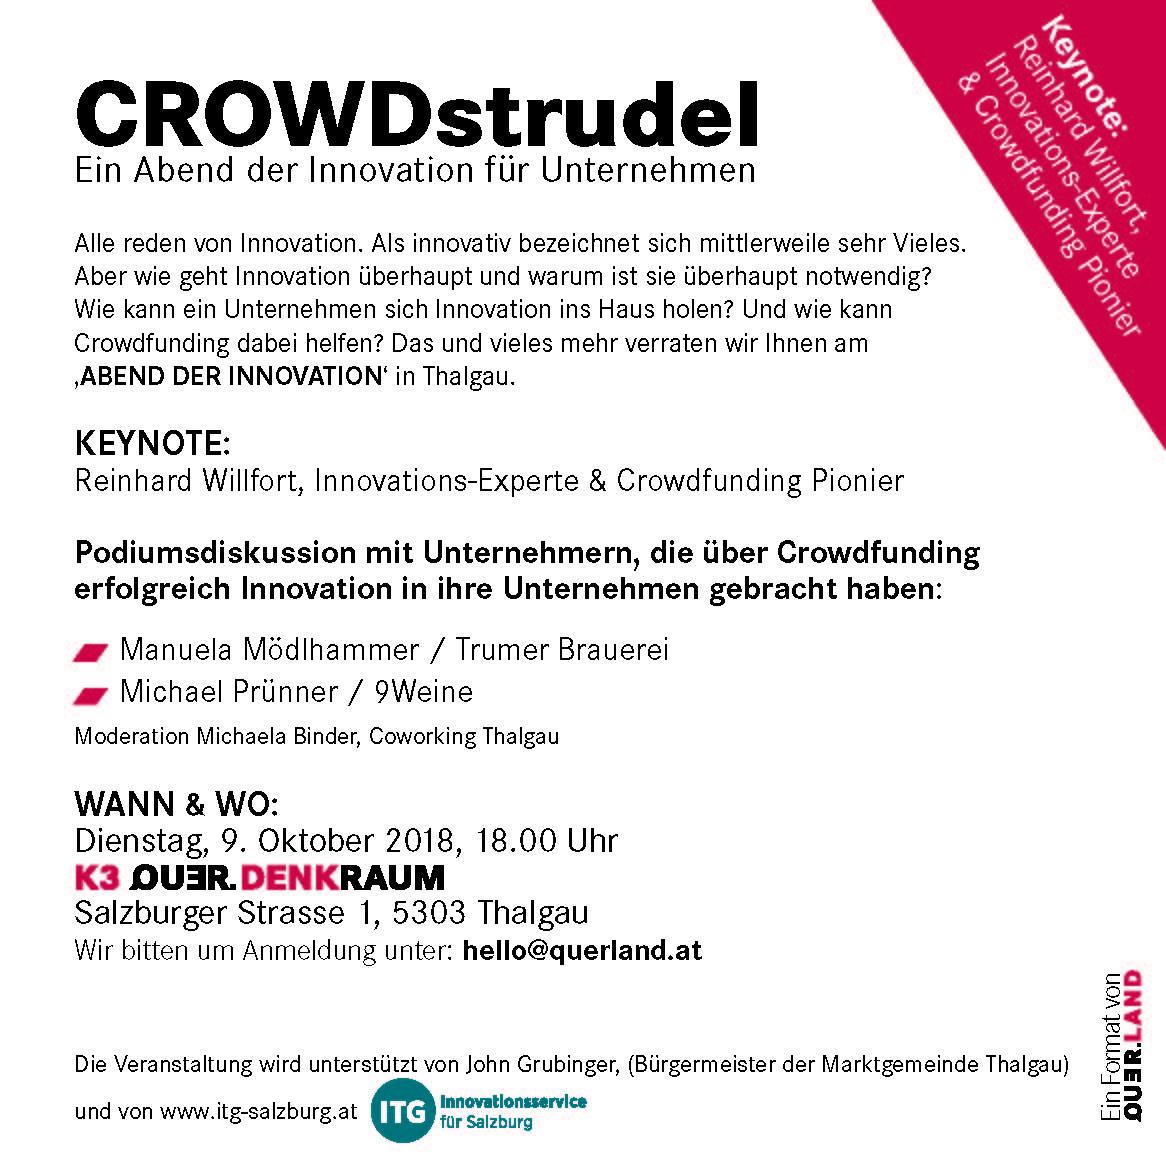 Einladung_Crowdstrudel-final_Seite_2